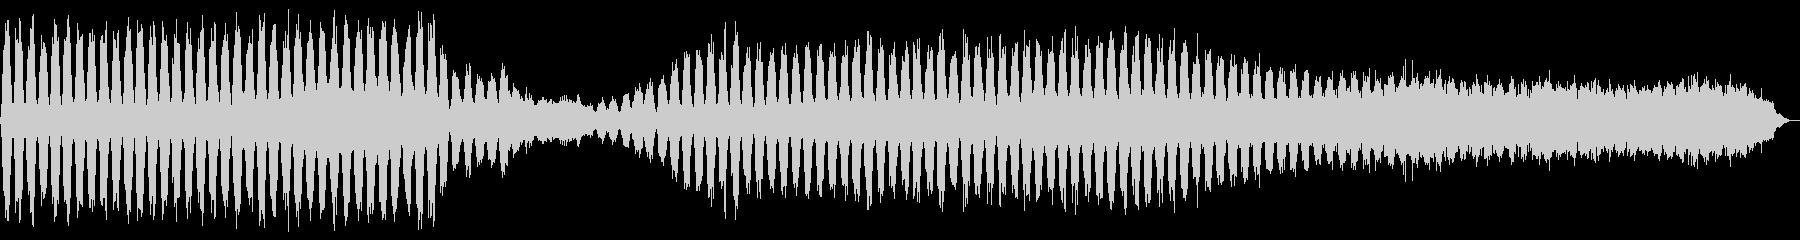 神秘的で静謐とした雰囲気のある楽曲ですの未再生の波形